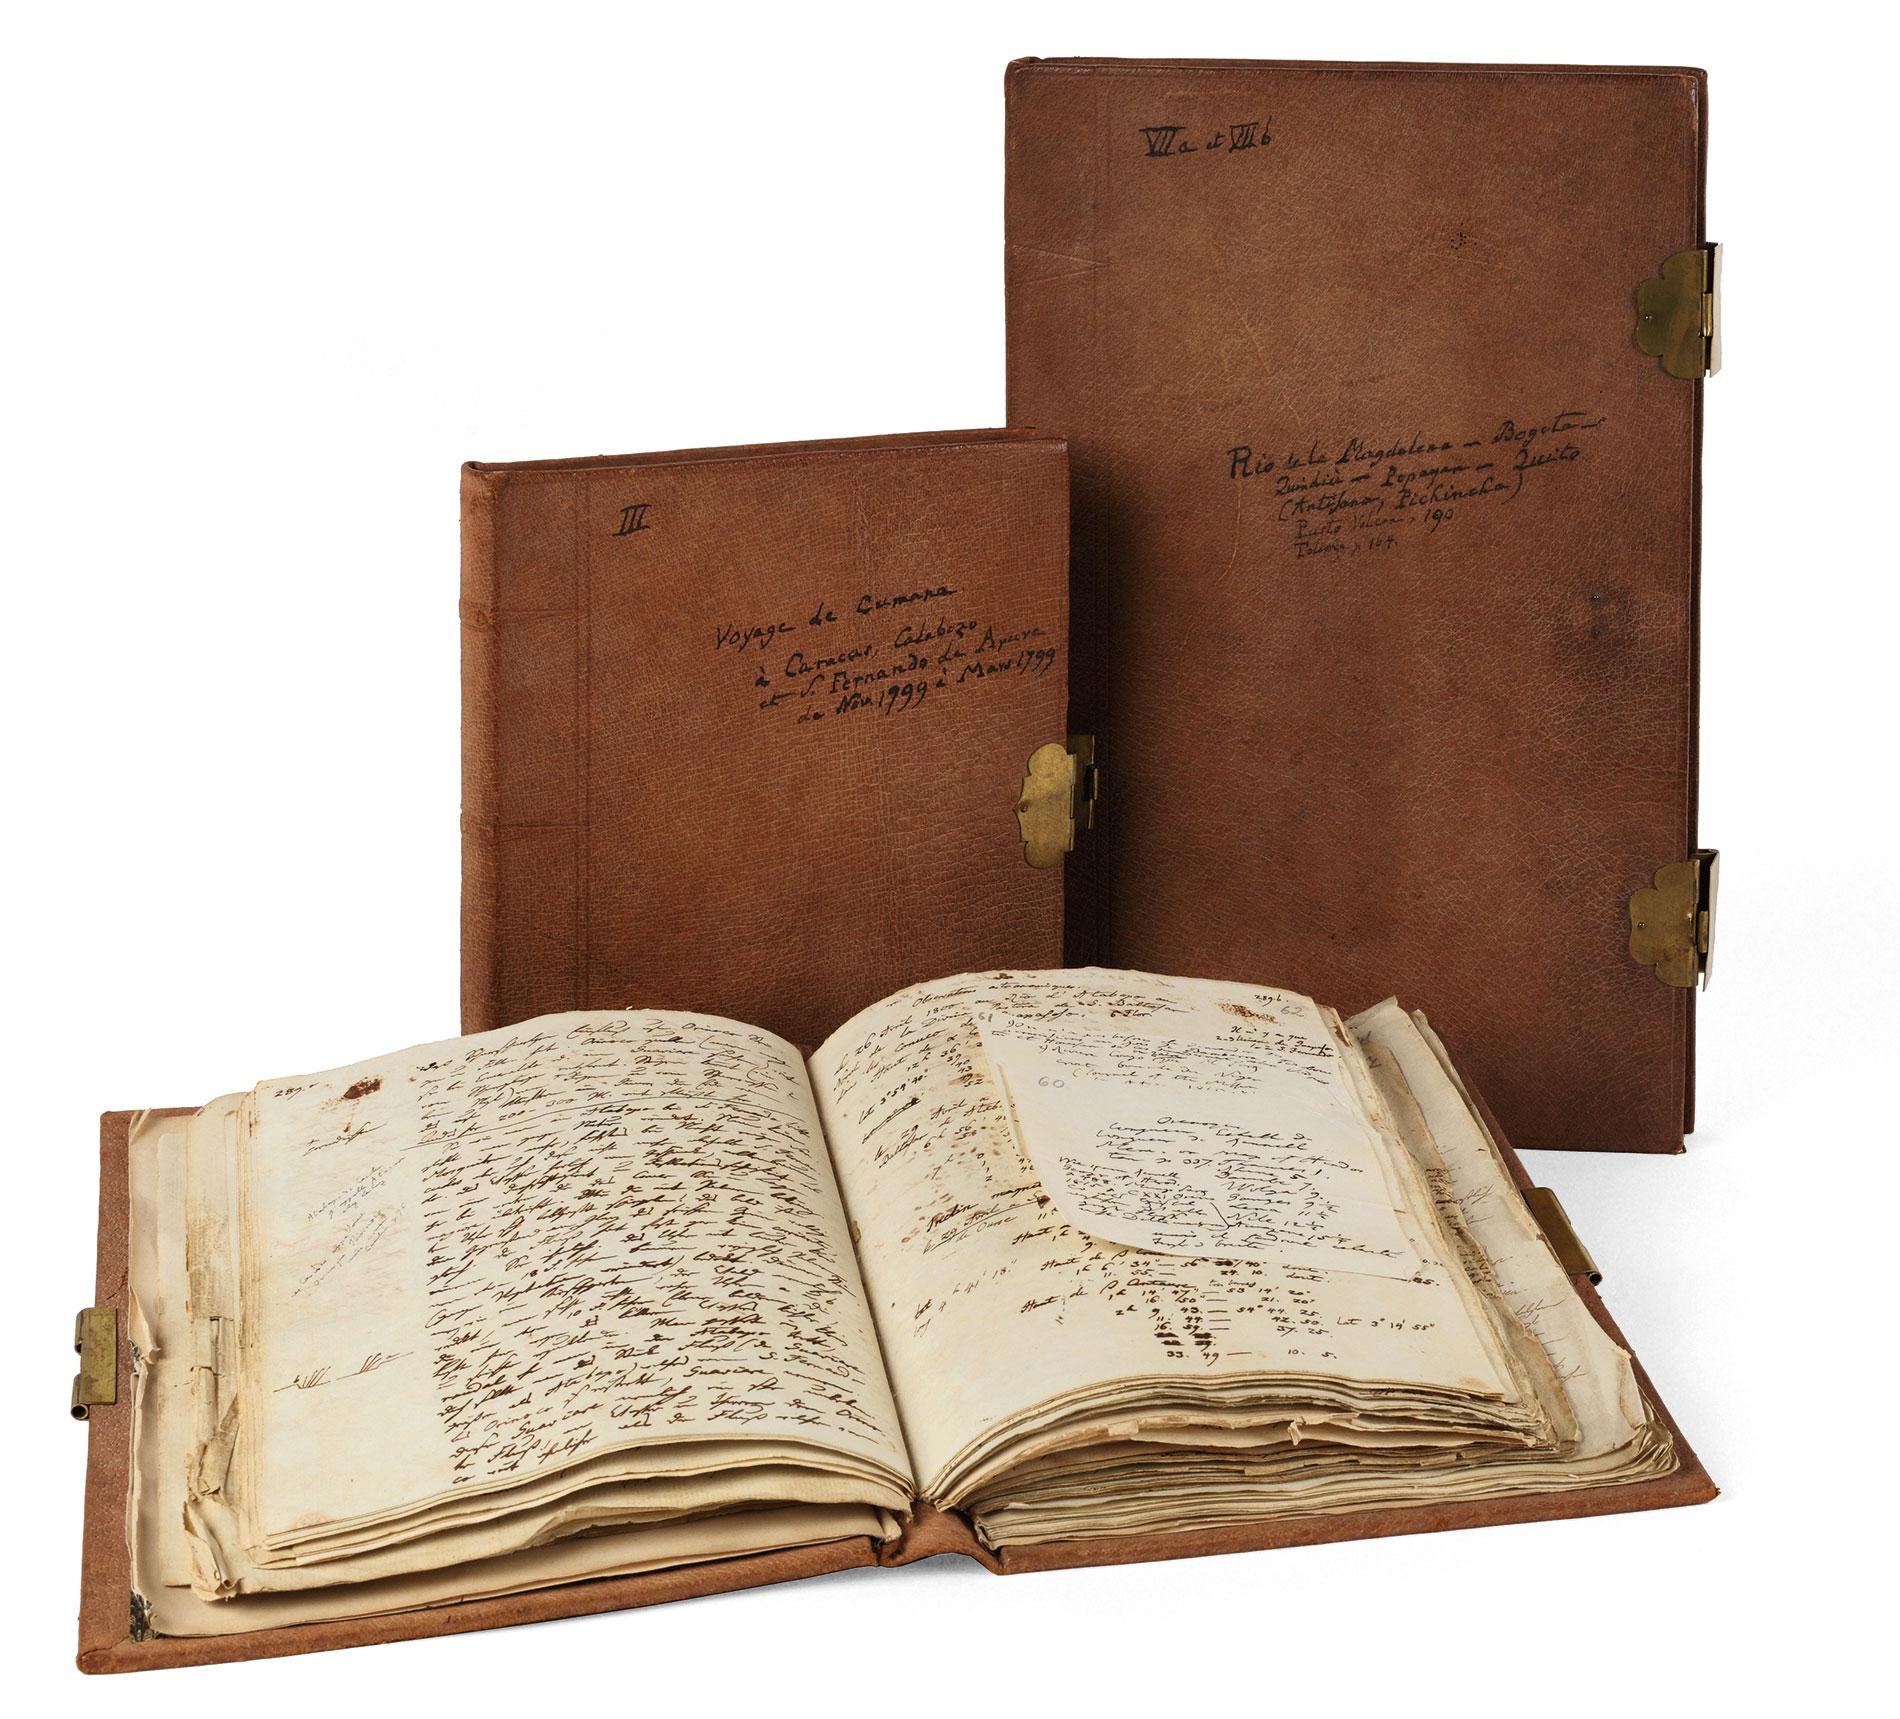 Drei der neun Amerikanischen Reisetagebücher Humboldts